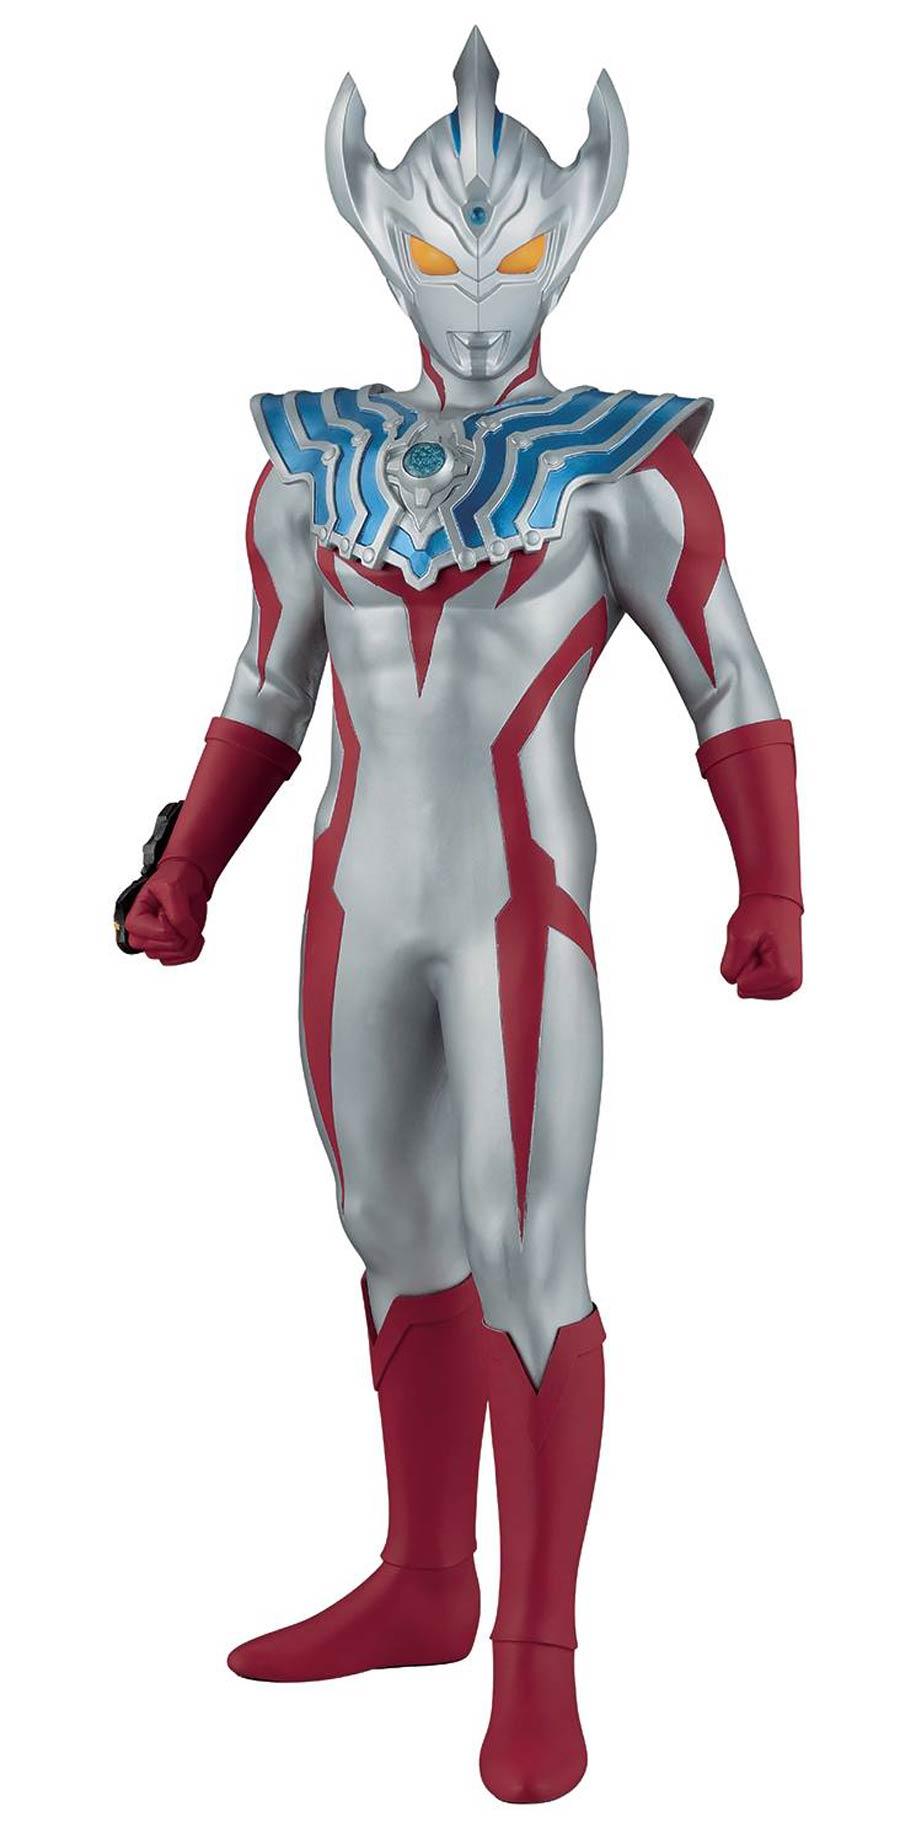 Ultraman Ichiban Sofvics - Ultraman Taiga Figure